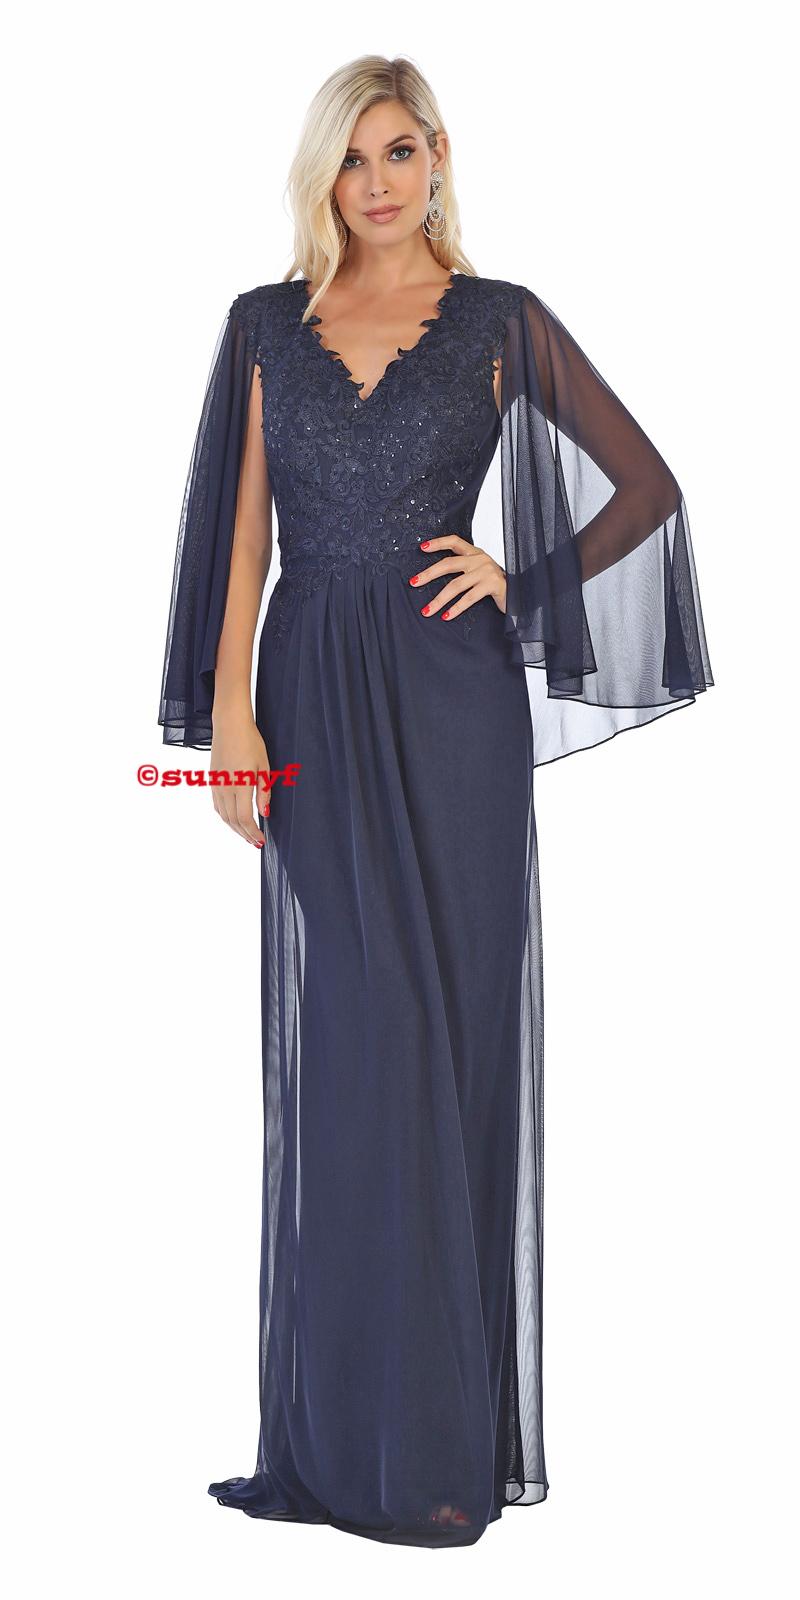 Abendkleid in übergröße  Günstige Kleider in Übergröße Online